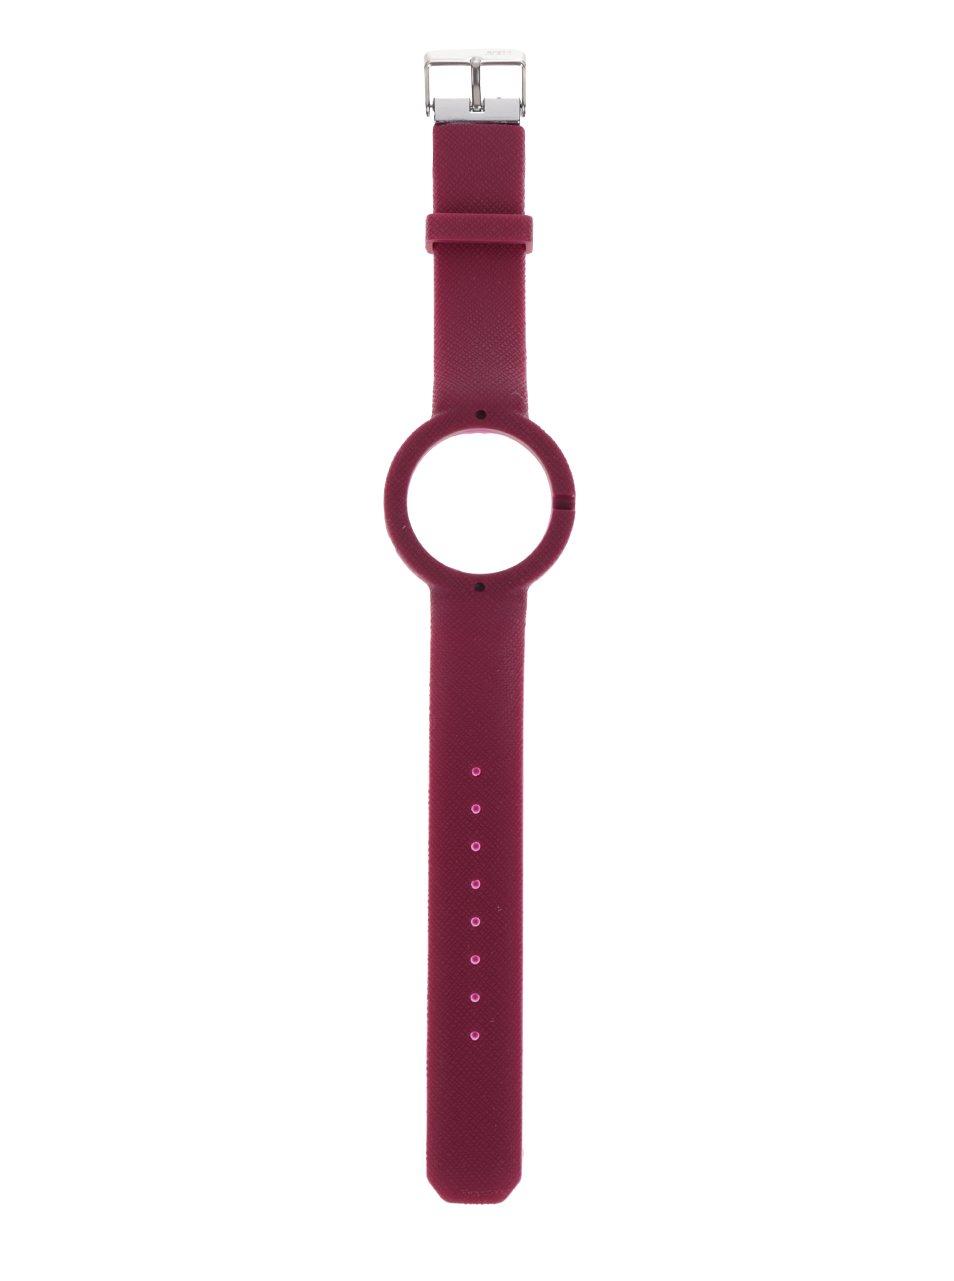 Tmavě růžový gumový pásek k hodinkám Ju'sto Justo 40 mm